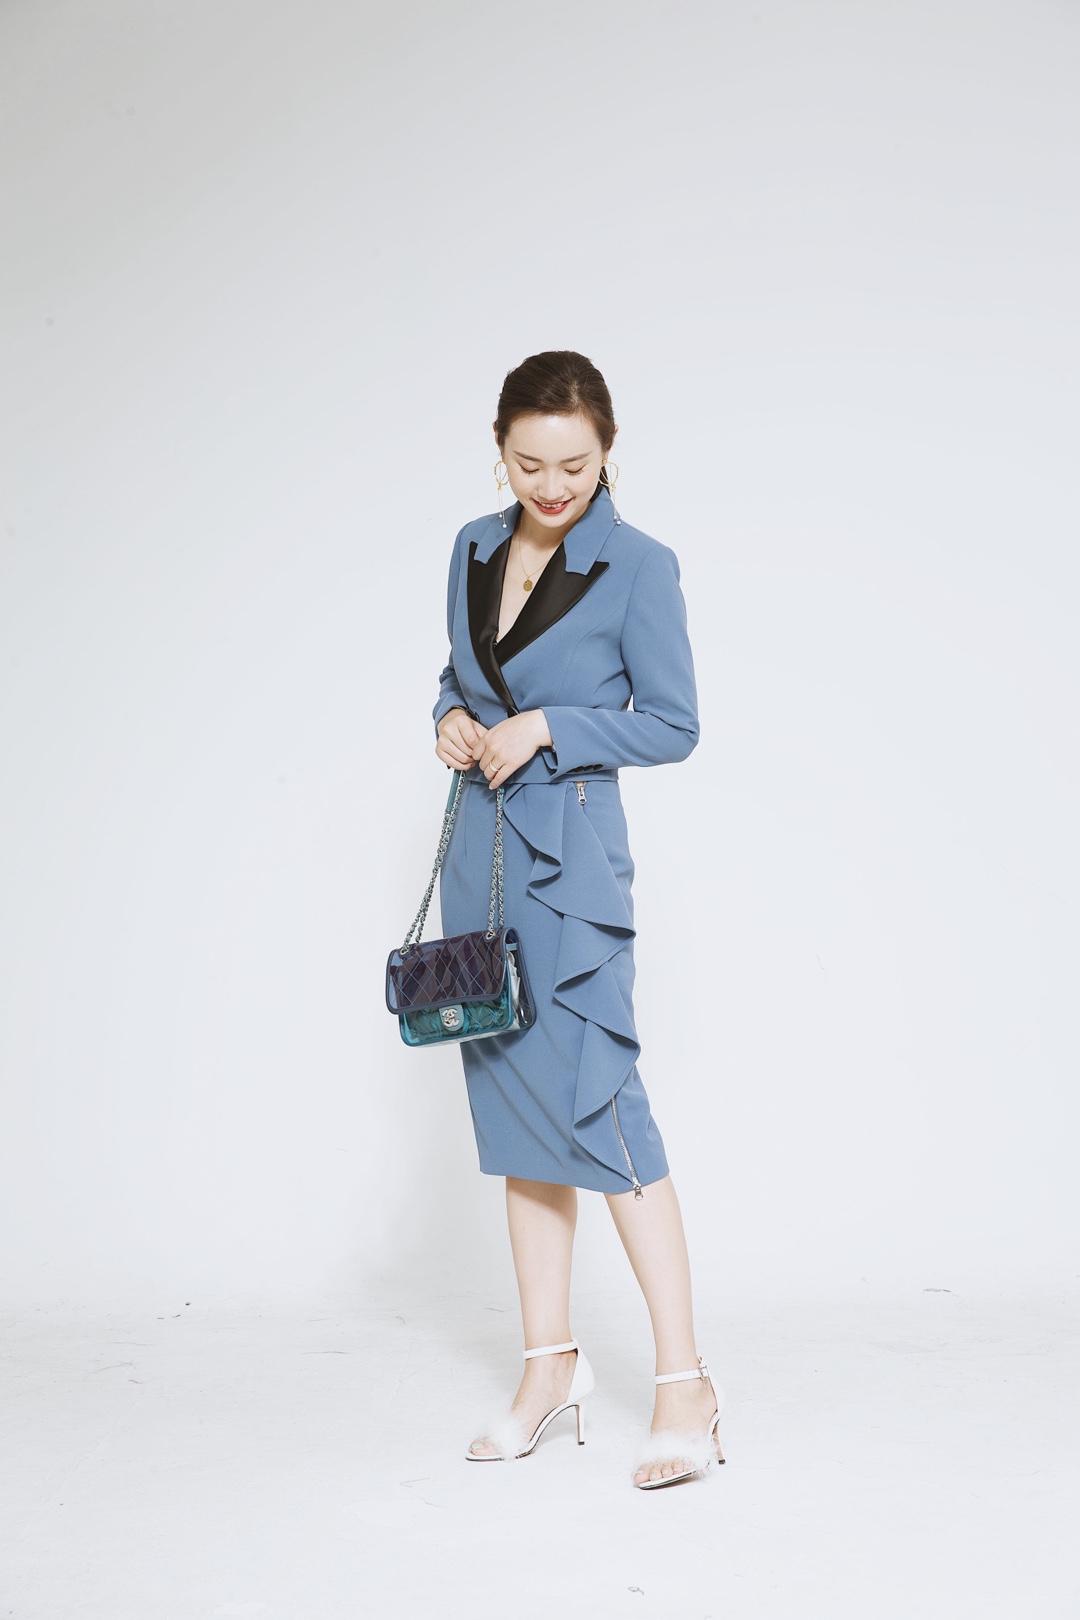 一个非常别致包包,展现了精致的风格。今天穿了一条蓝色西装裙,西装裙是一款加入了西装领设计的连衣裙,很有正式感。搭配黑色的翻领,脚上穿了一双毛毛球设计的尖头高跟鞋,释放出强烈的温油感。 #穿上降10℃!解救闷热天#